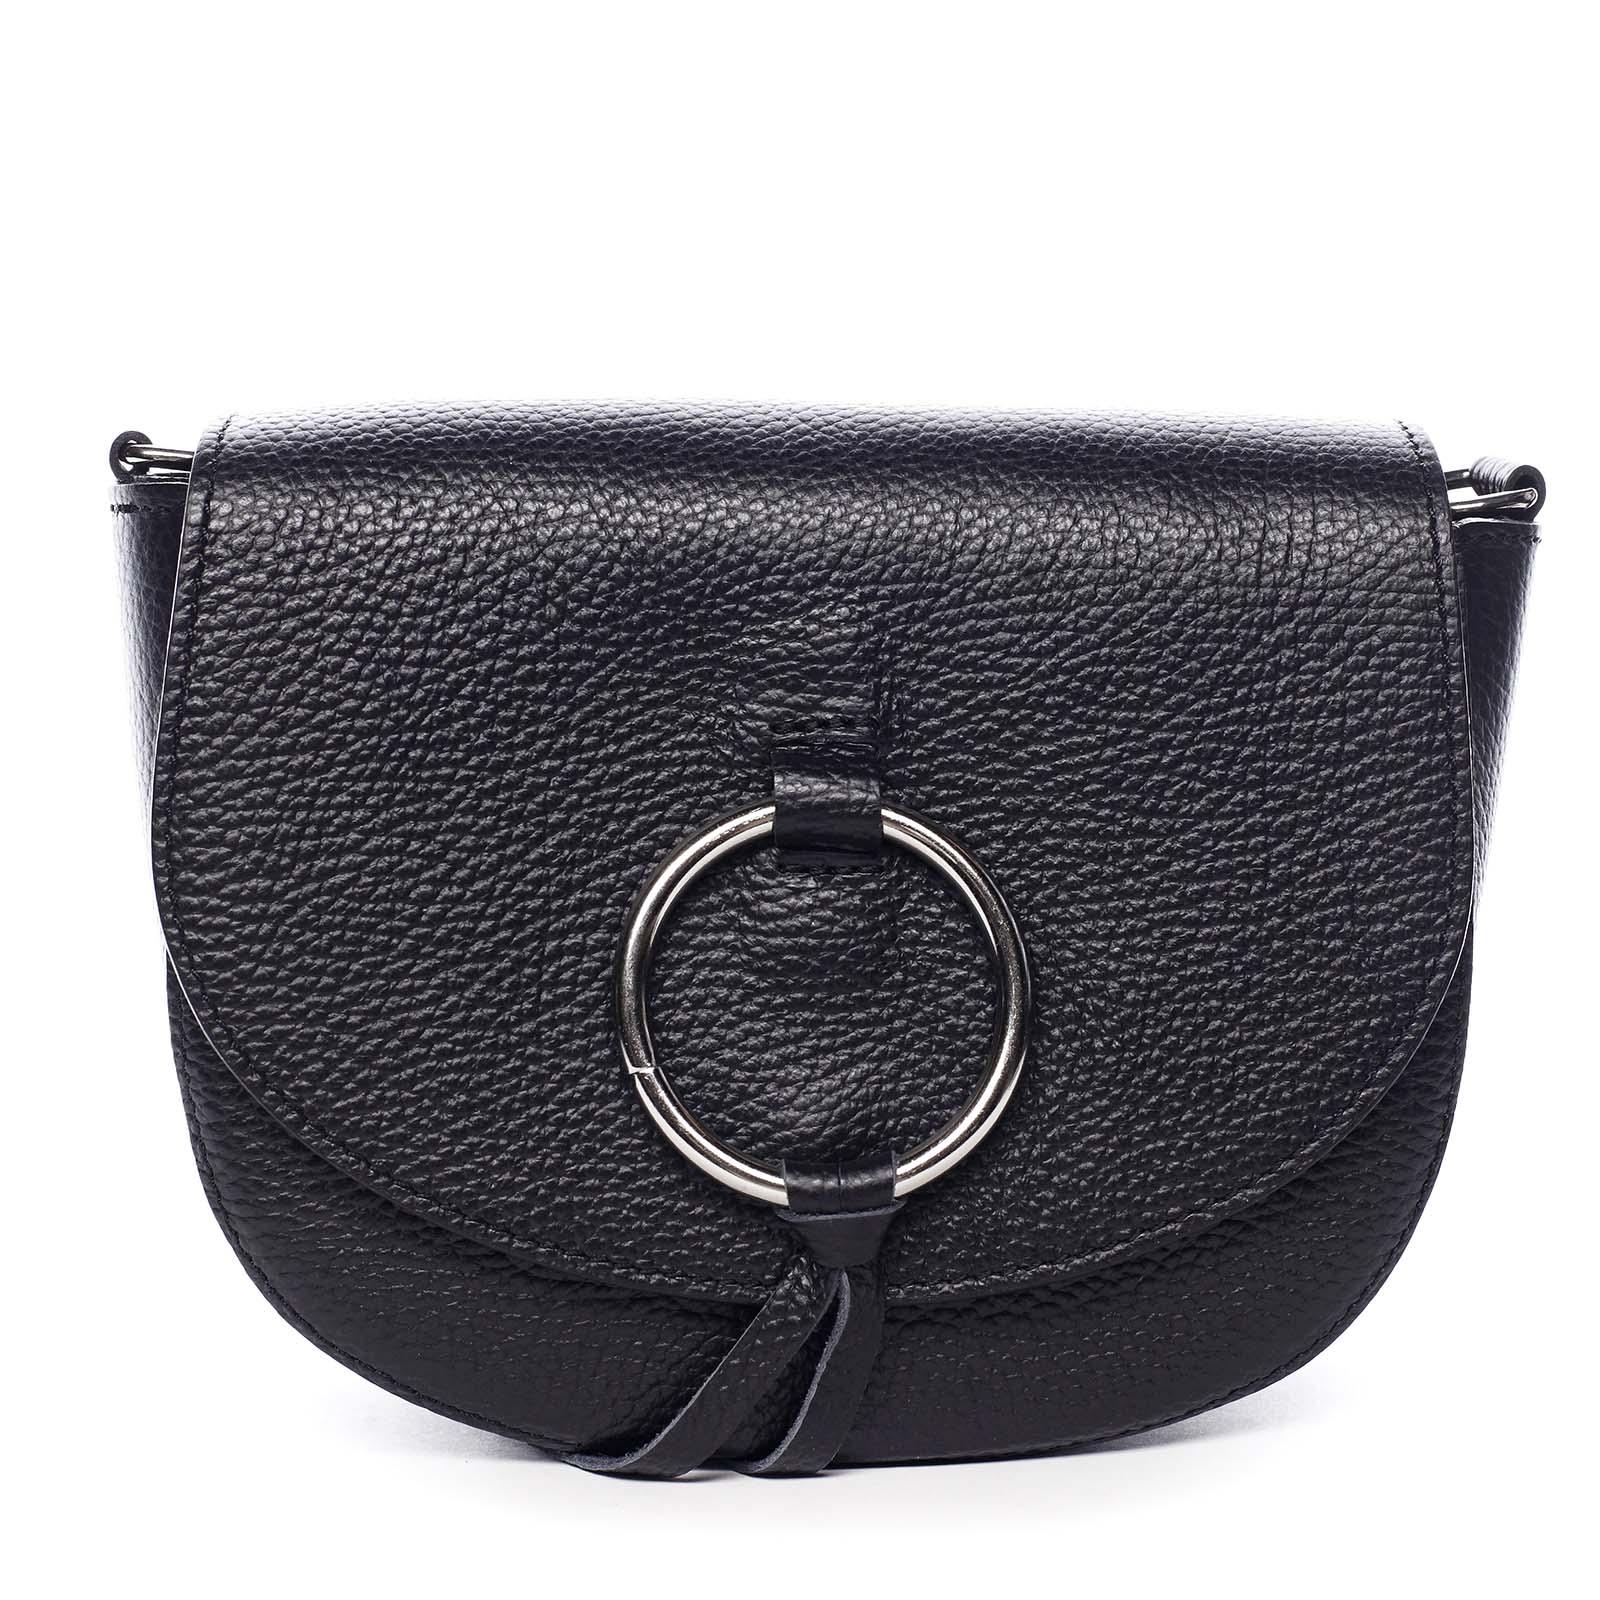 Dámska kožená crossbody kabelka čierna - ItalY Vaiana čierna